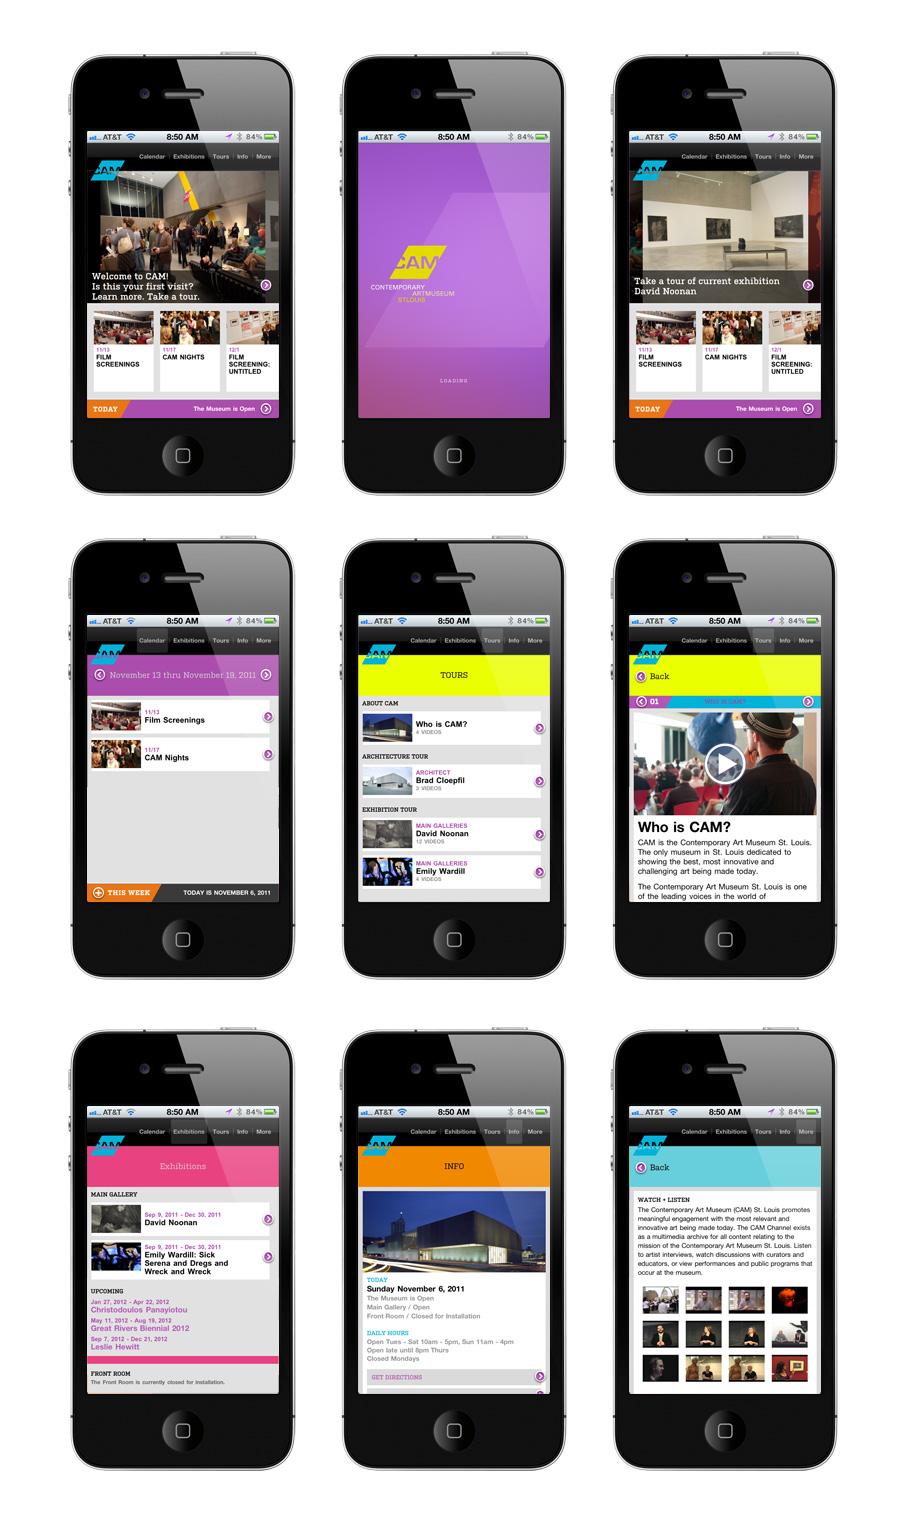 iphone museum tour app